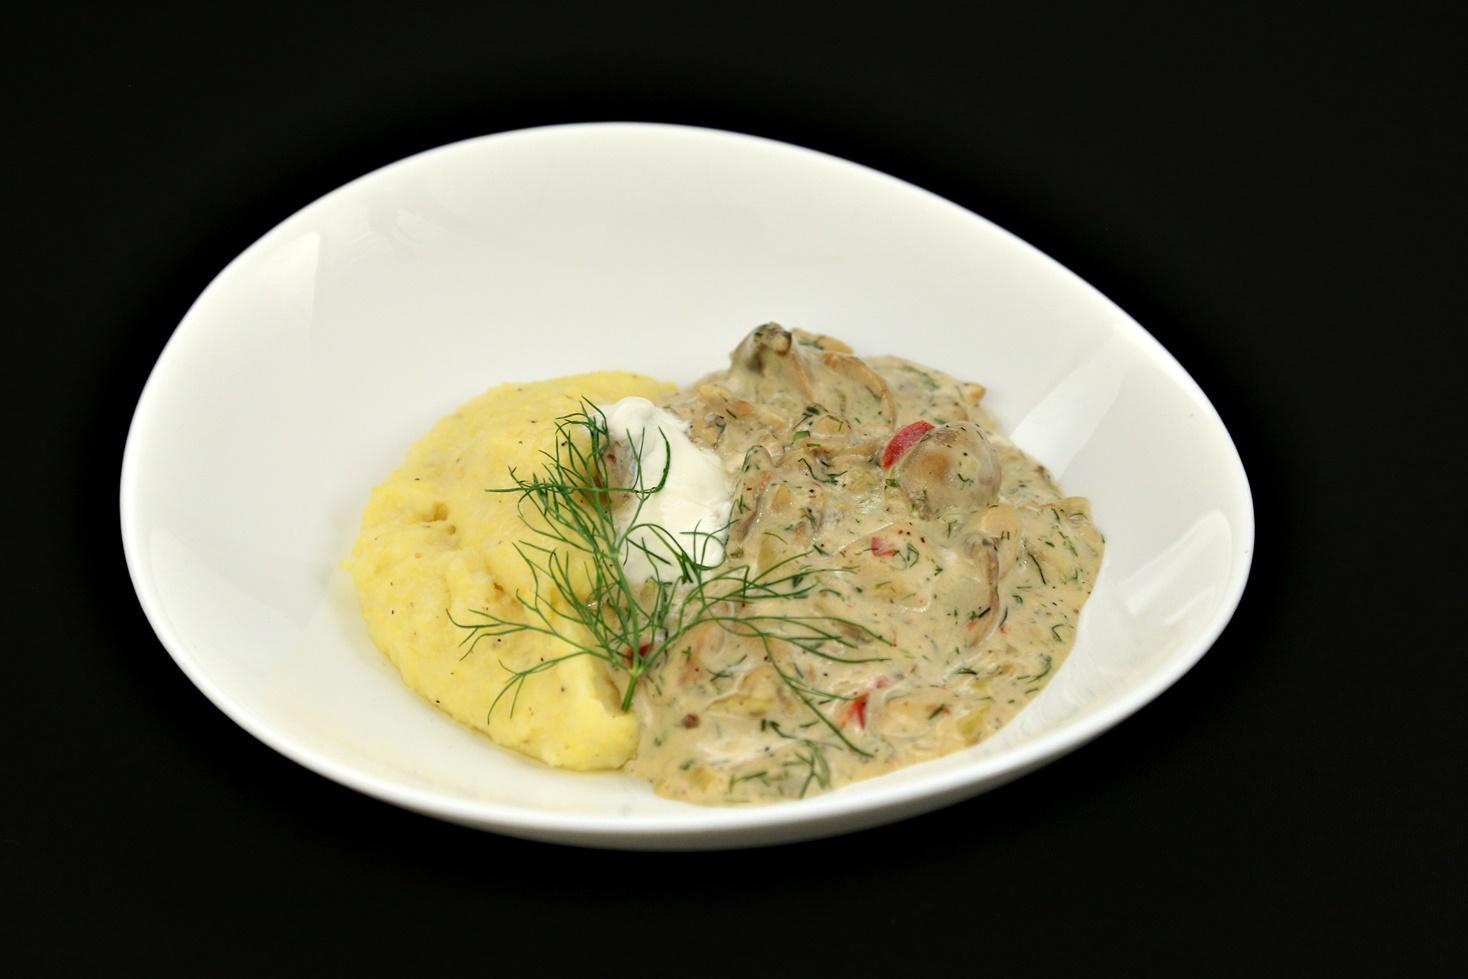 Rețetă de tocăniță de pui cu ciuperci și vin alb cu mărar și mămăliguță, gătită de Cristian Boca la Chefi la cuțite